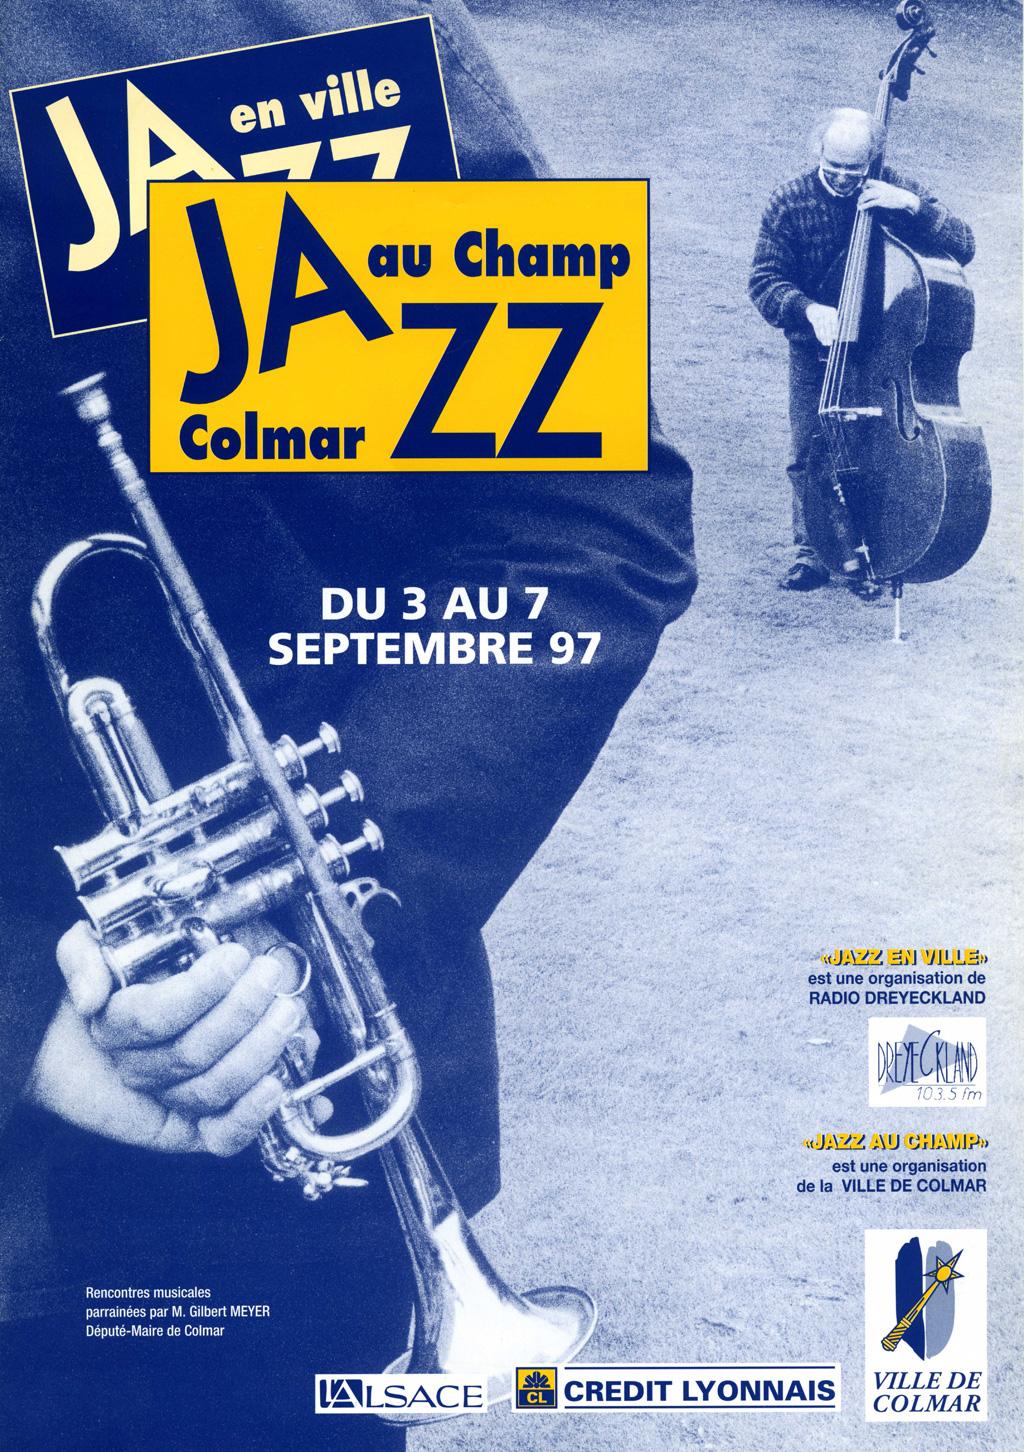 Couverture du programme du Festival de Jazz de Colmar 1997